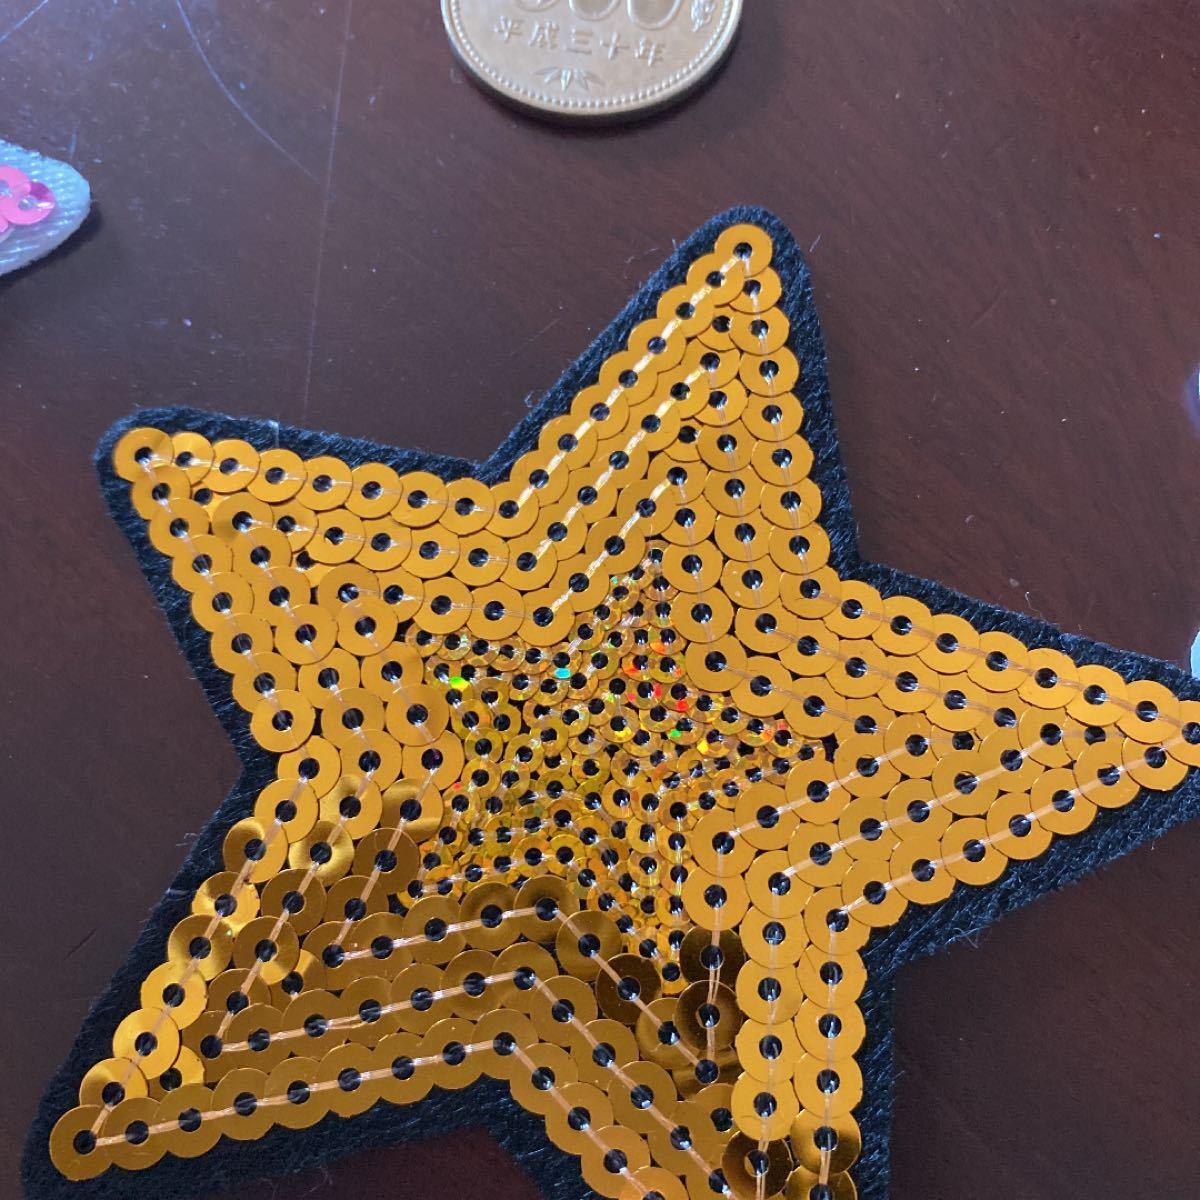 アイロンワッペン 刺繍ワッペン 星の形